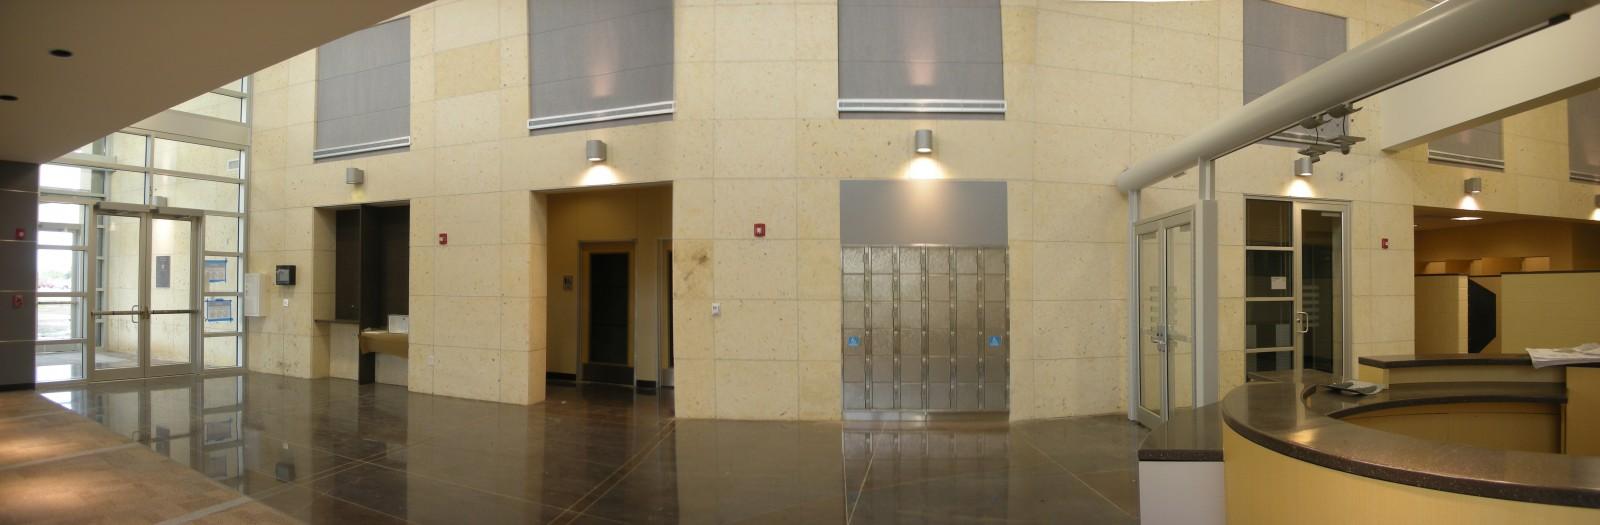 bell-jail-interior-lobby